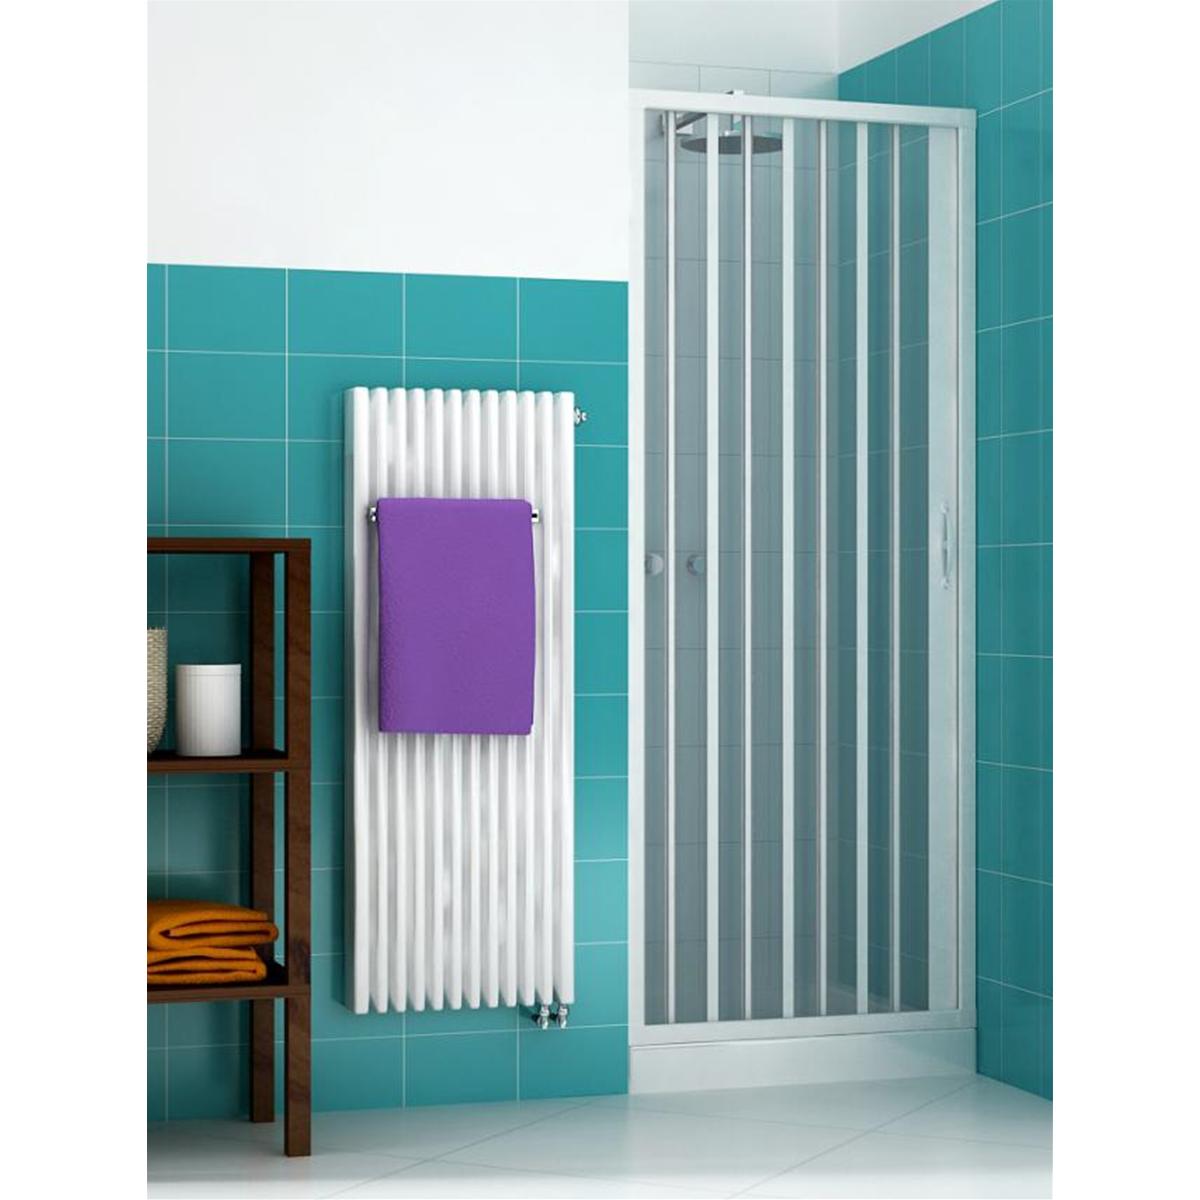 Porta doccia soffietto per box doccia nicchia profilo riducibile da 140 a 60 cm ebay - Box doccia salvaspazio ...